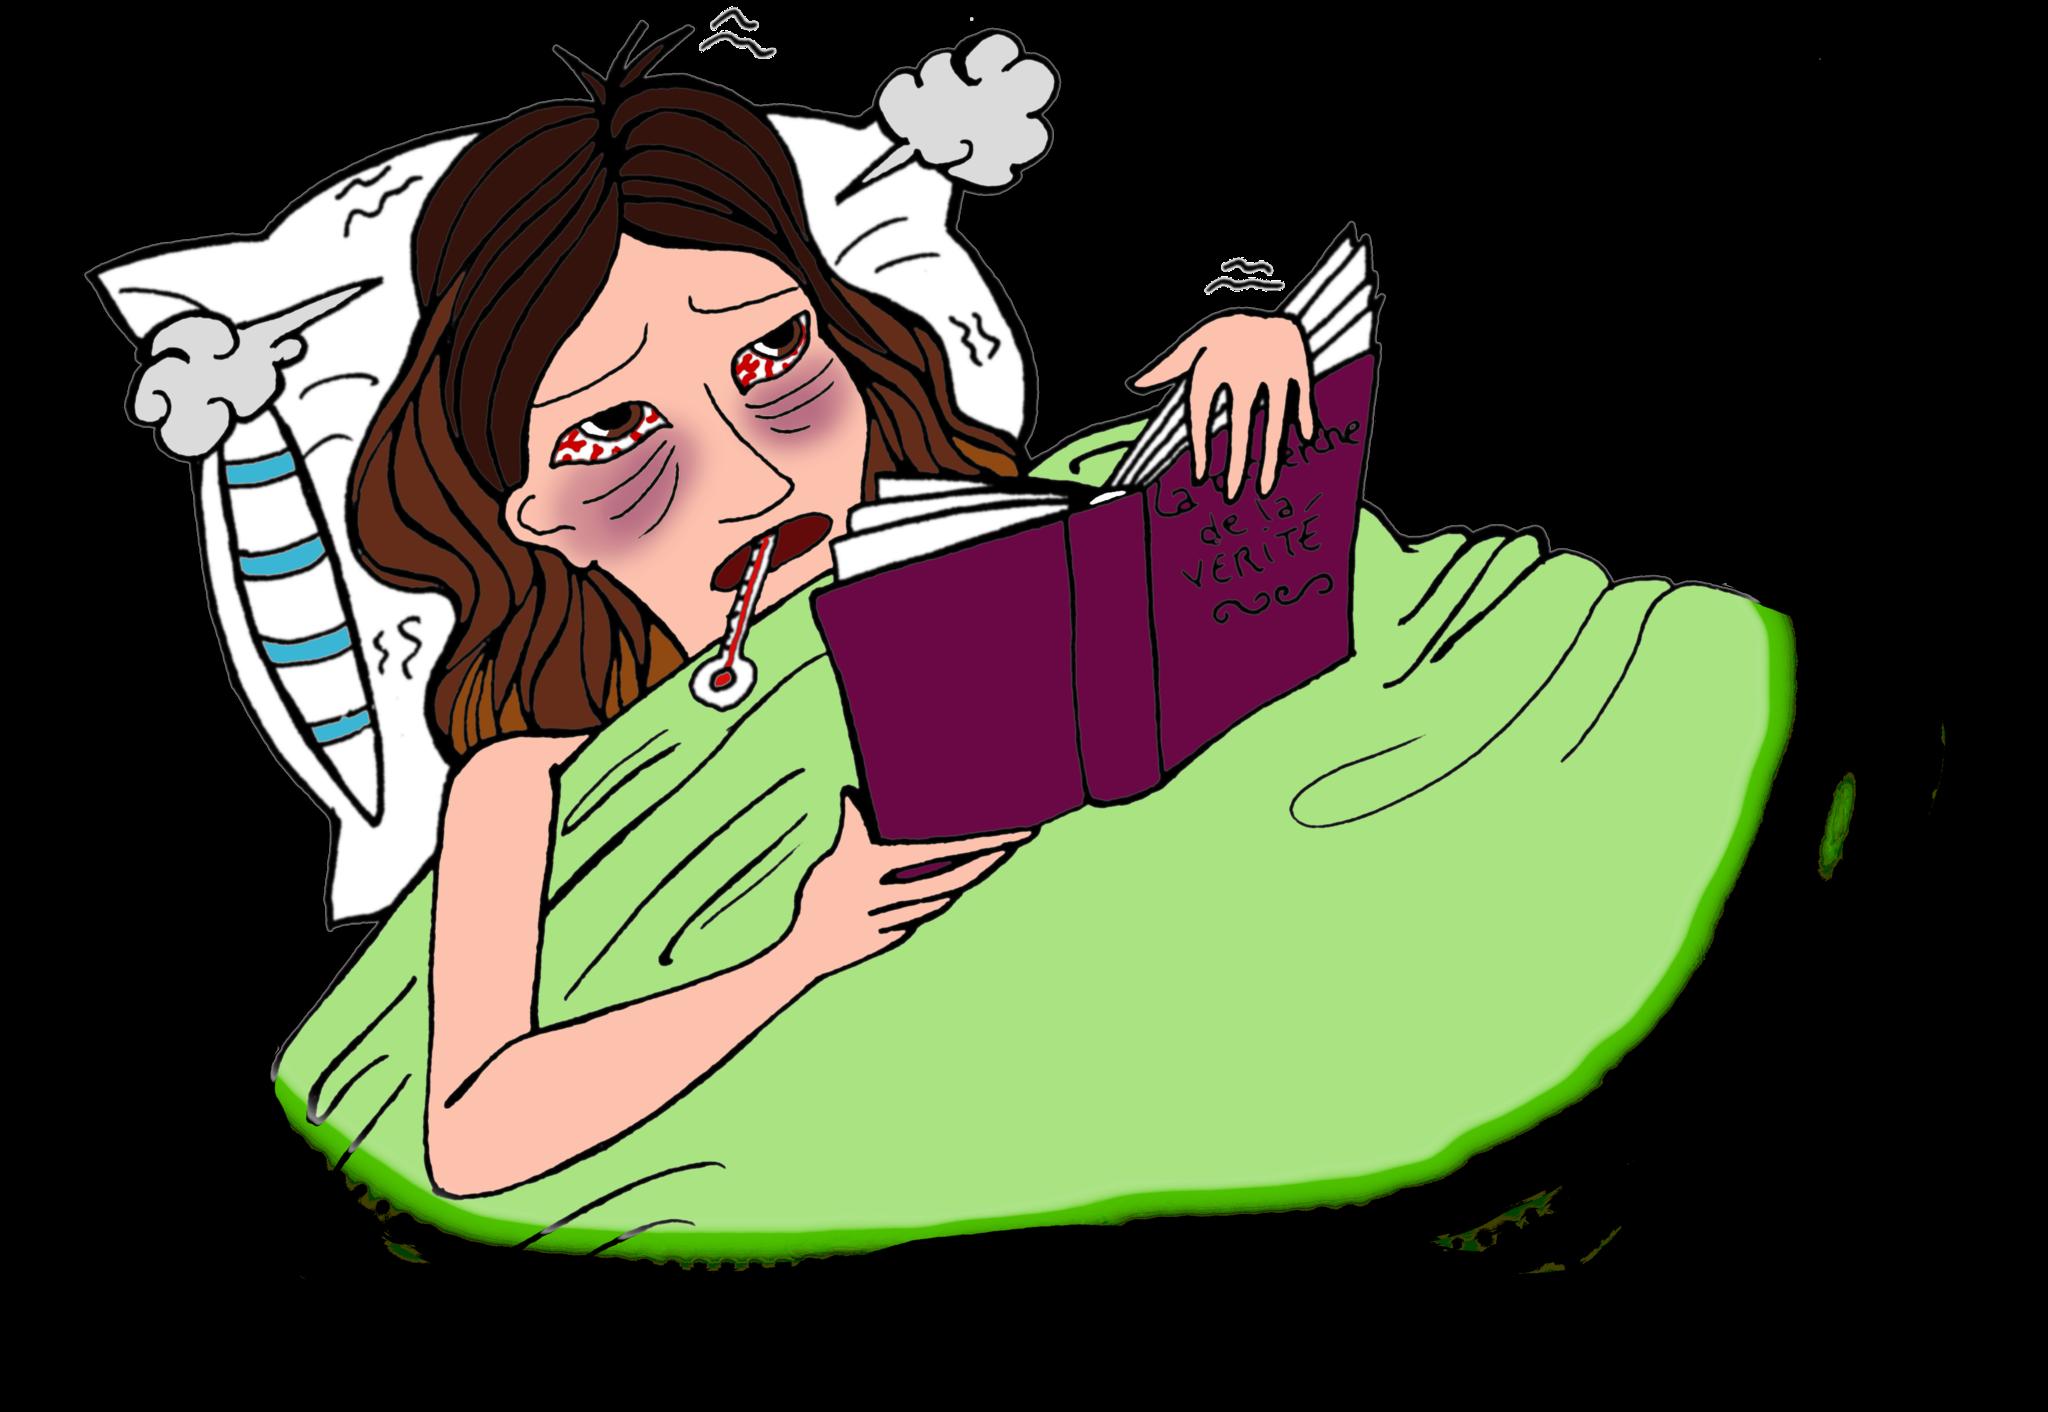 Les 5 meilleures choses à faire quand on est malade